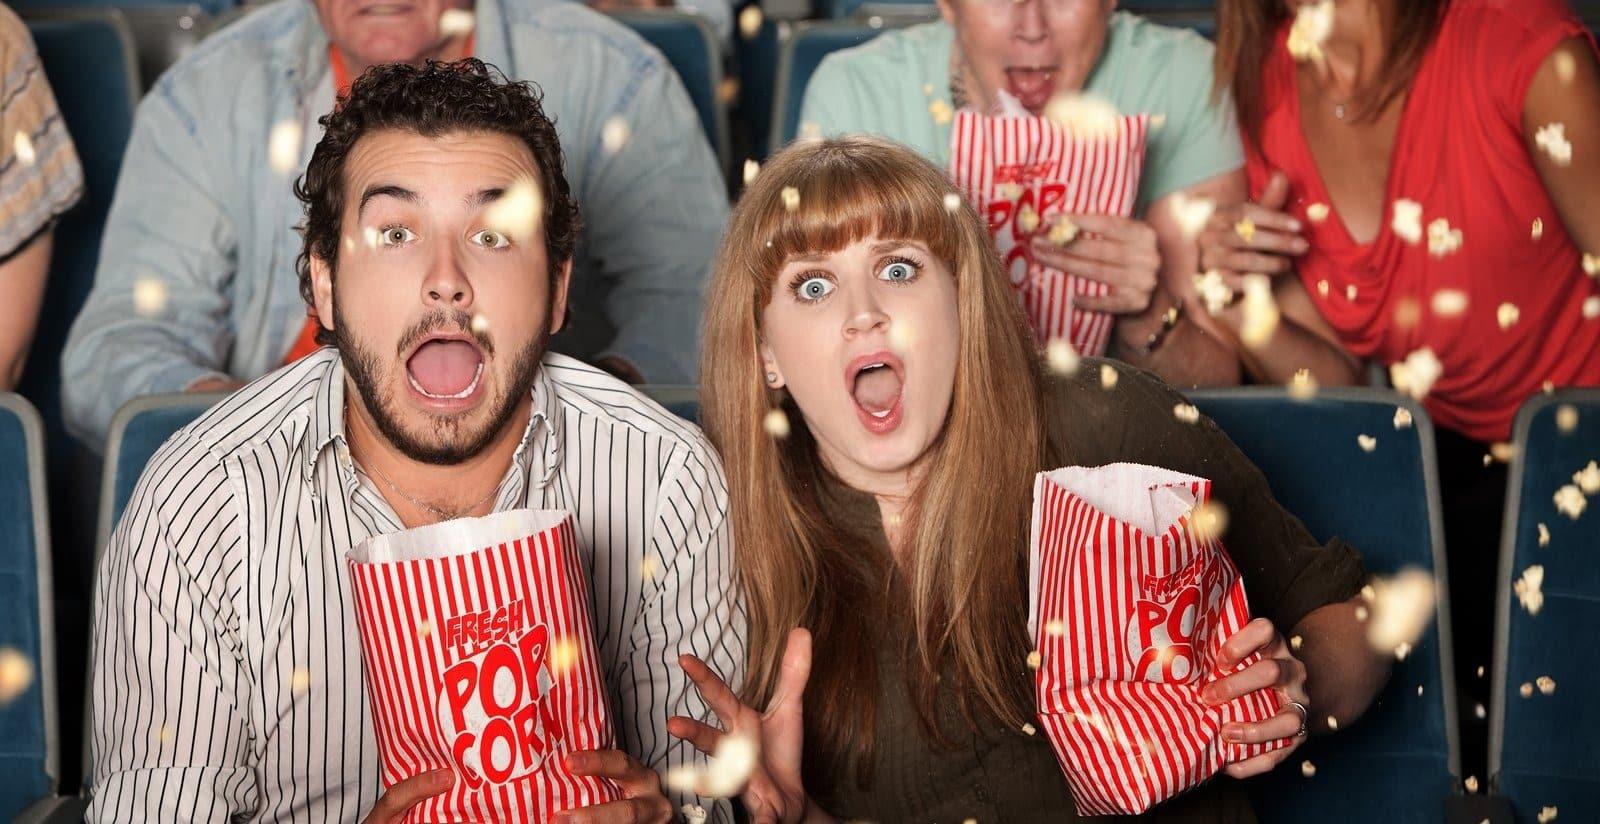 Имеют ли право кассиры требовать паспорт в кинотеатре: закон о проверке документов